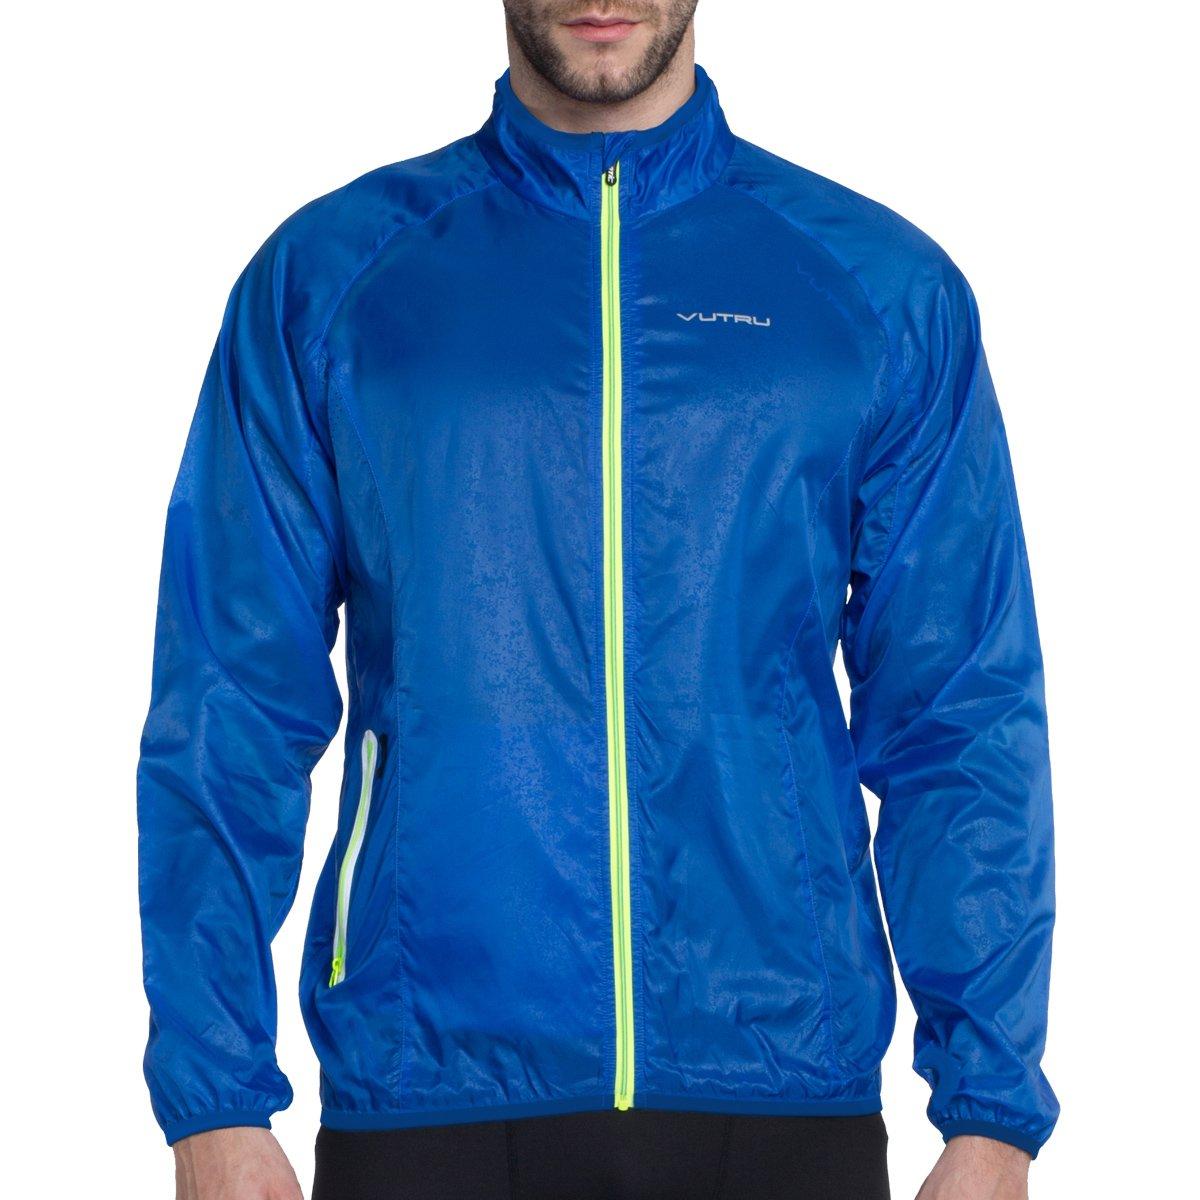 Vutru Men Running Jacket Windproof Breathable Lightweight Cycling Jersey Sportswear Windbreaker Blue XL